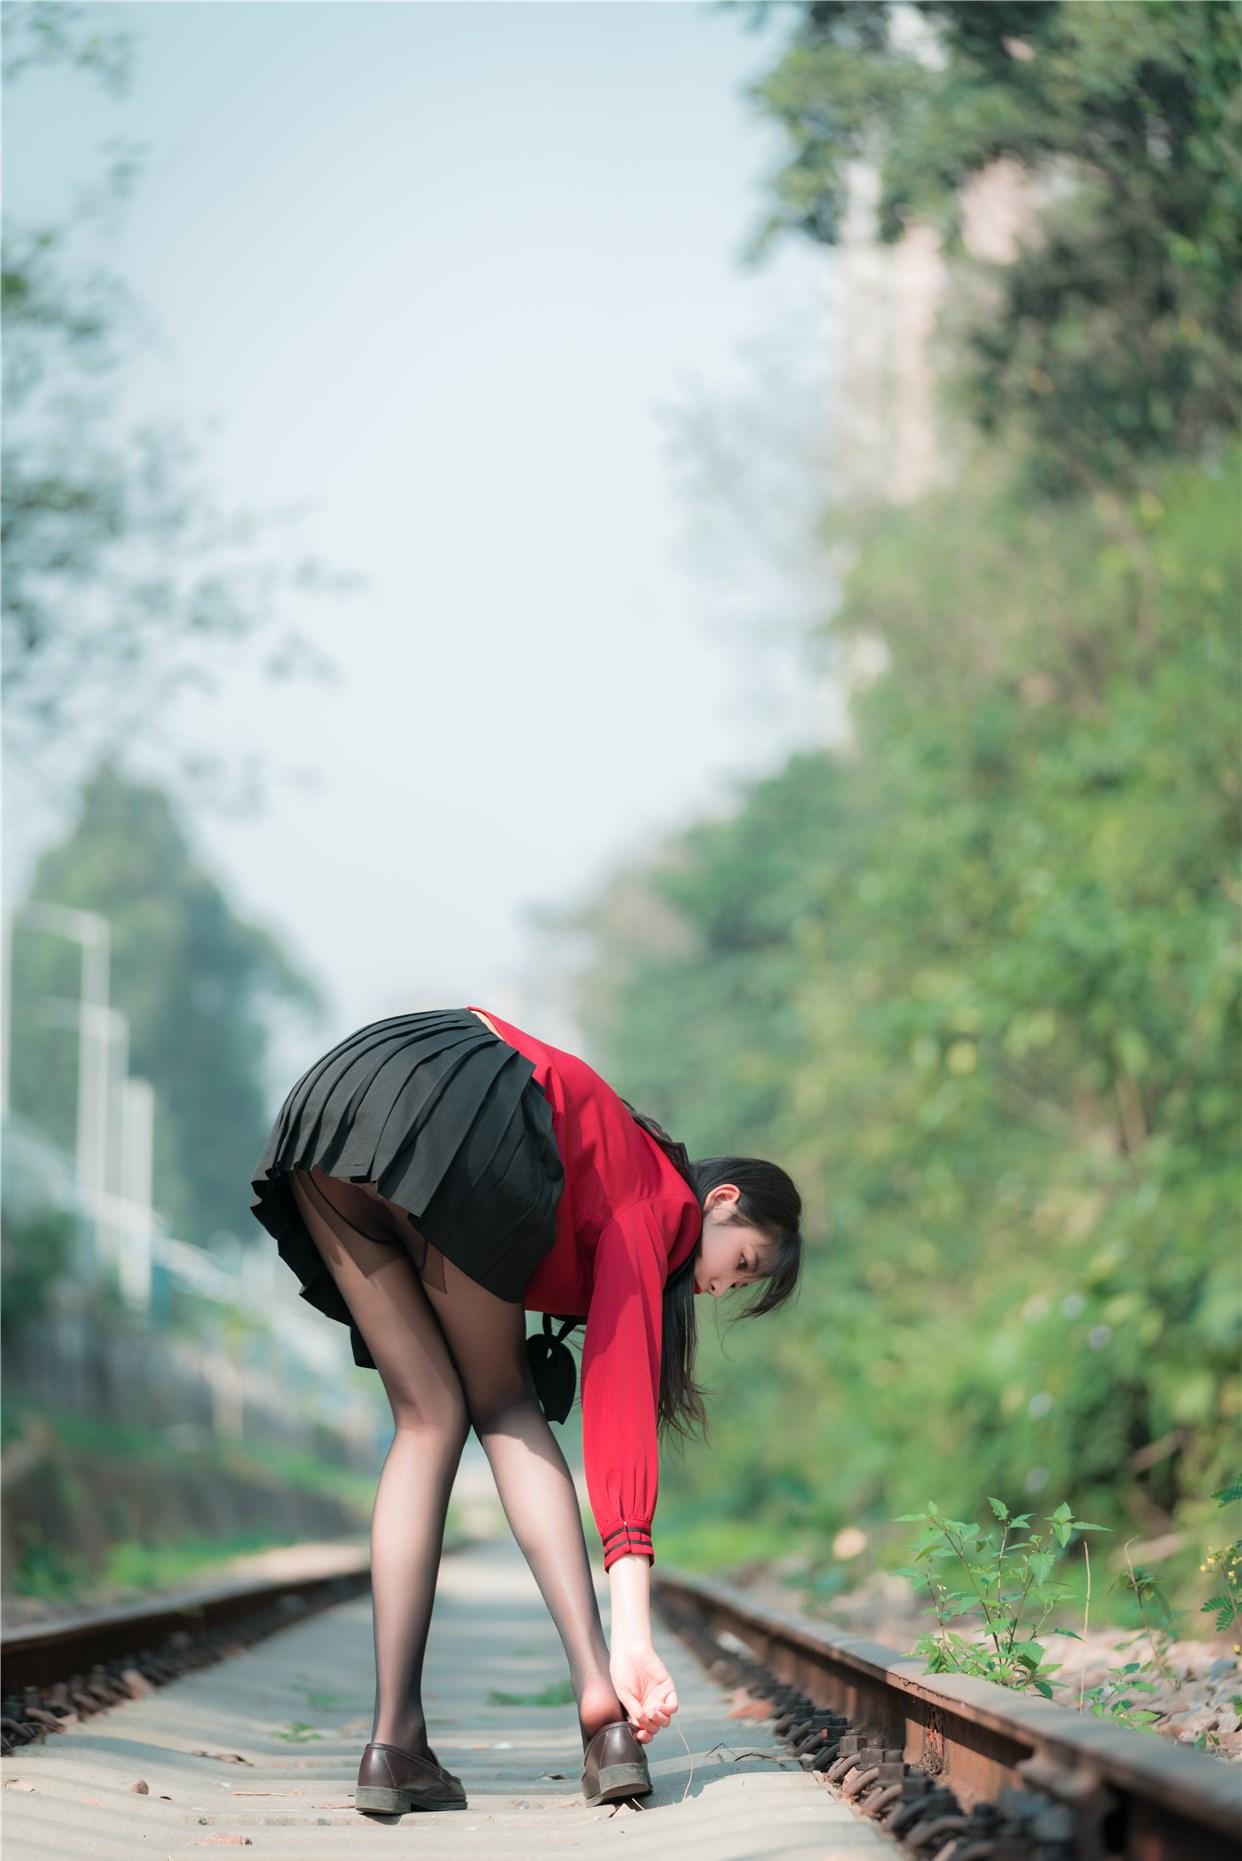 【兔玩映画】奔跑的红色JK 兔玩映画 第17张